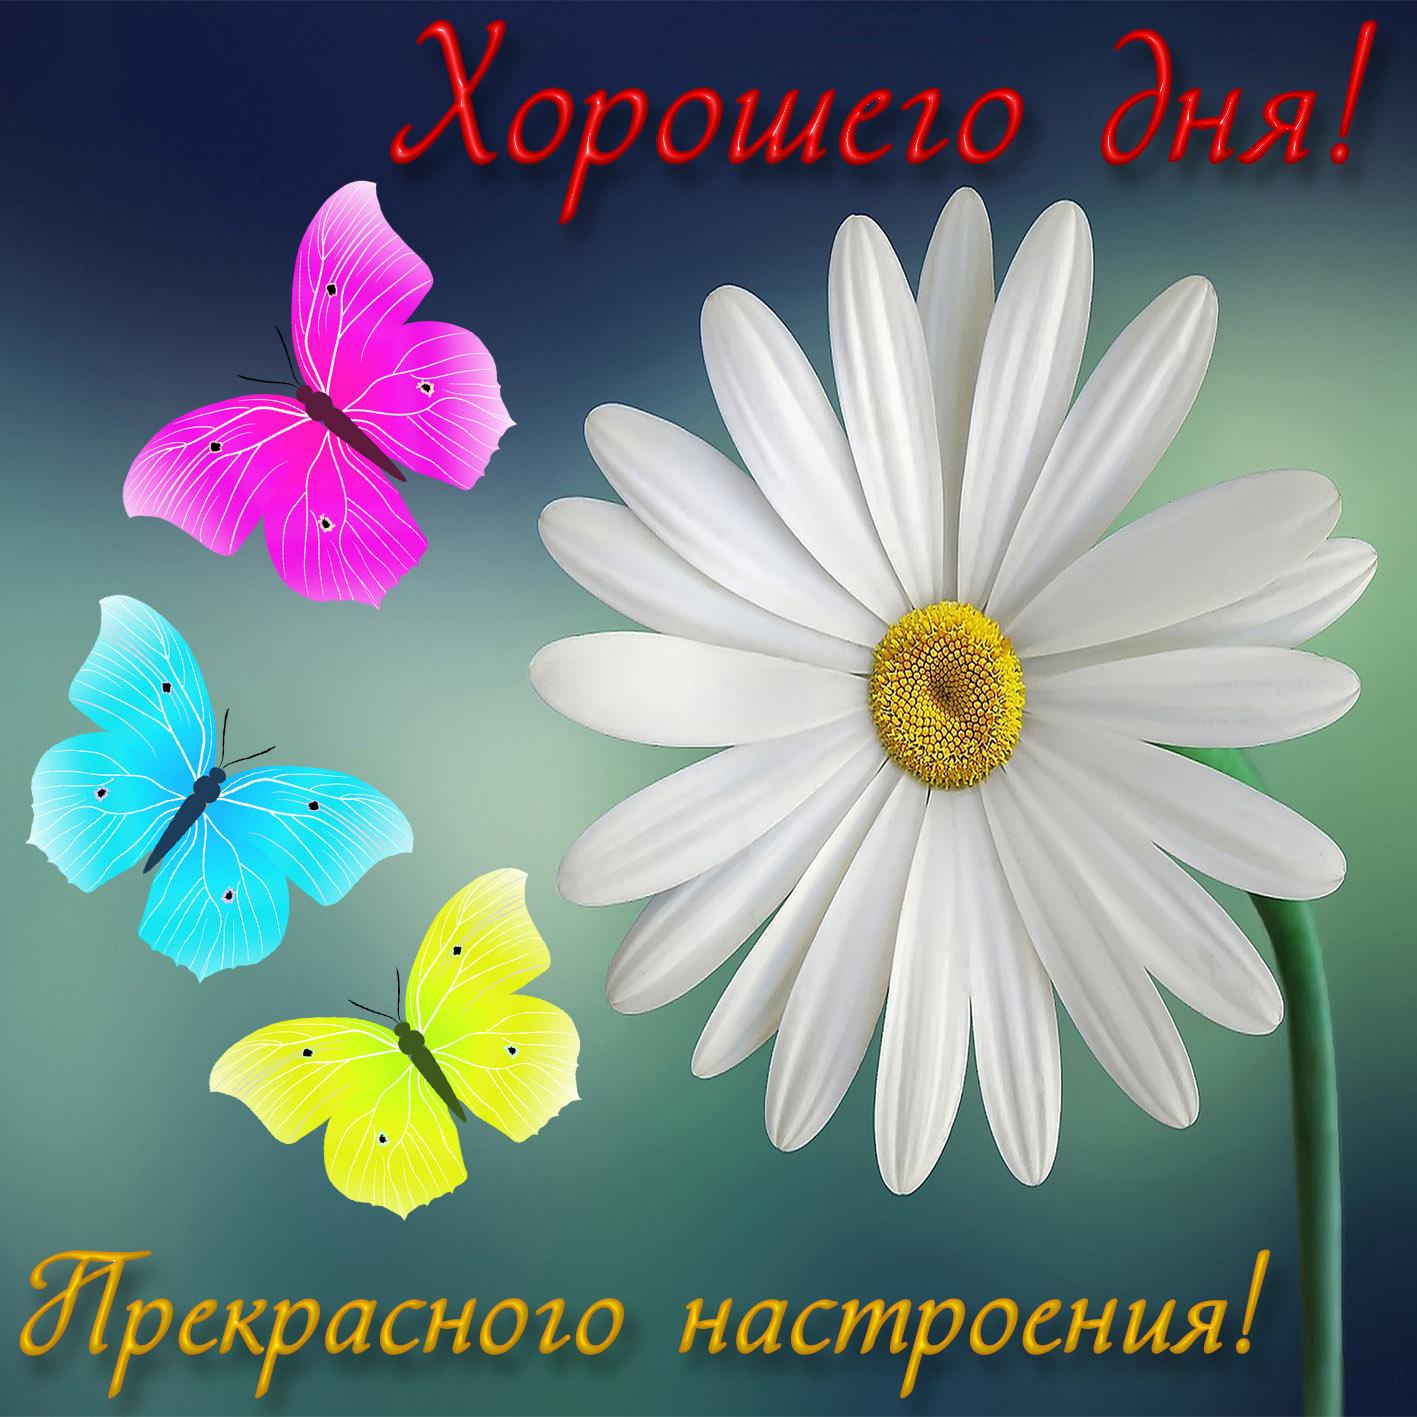 Картинки с пожеланием доброго дня отличного настроения, про здоровье прикольные